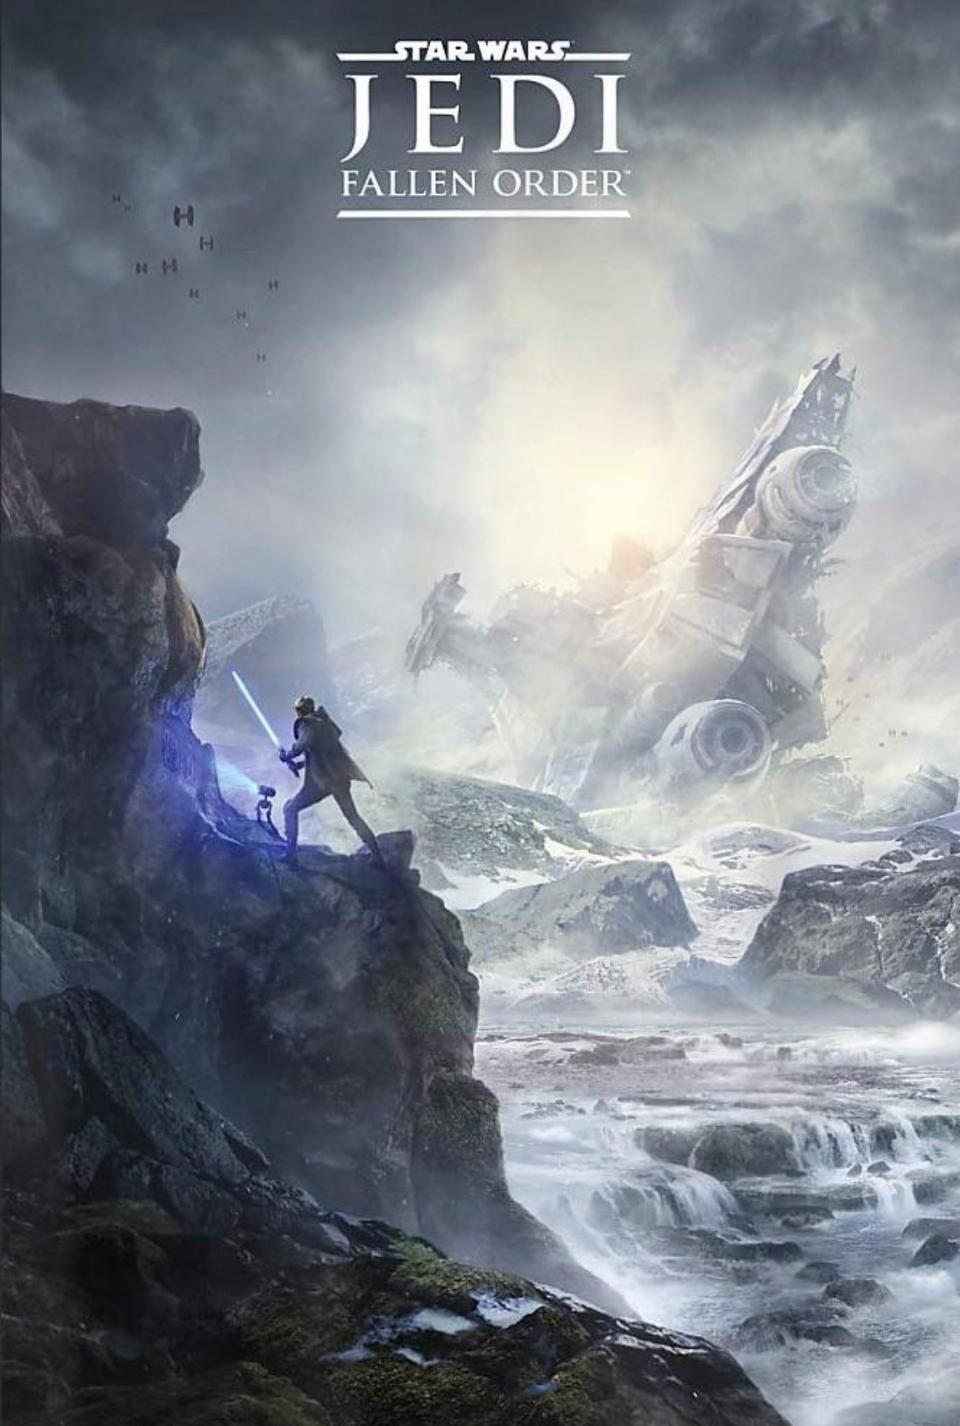 star wars jedi: fallen order - photo #13